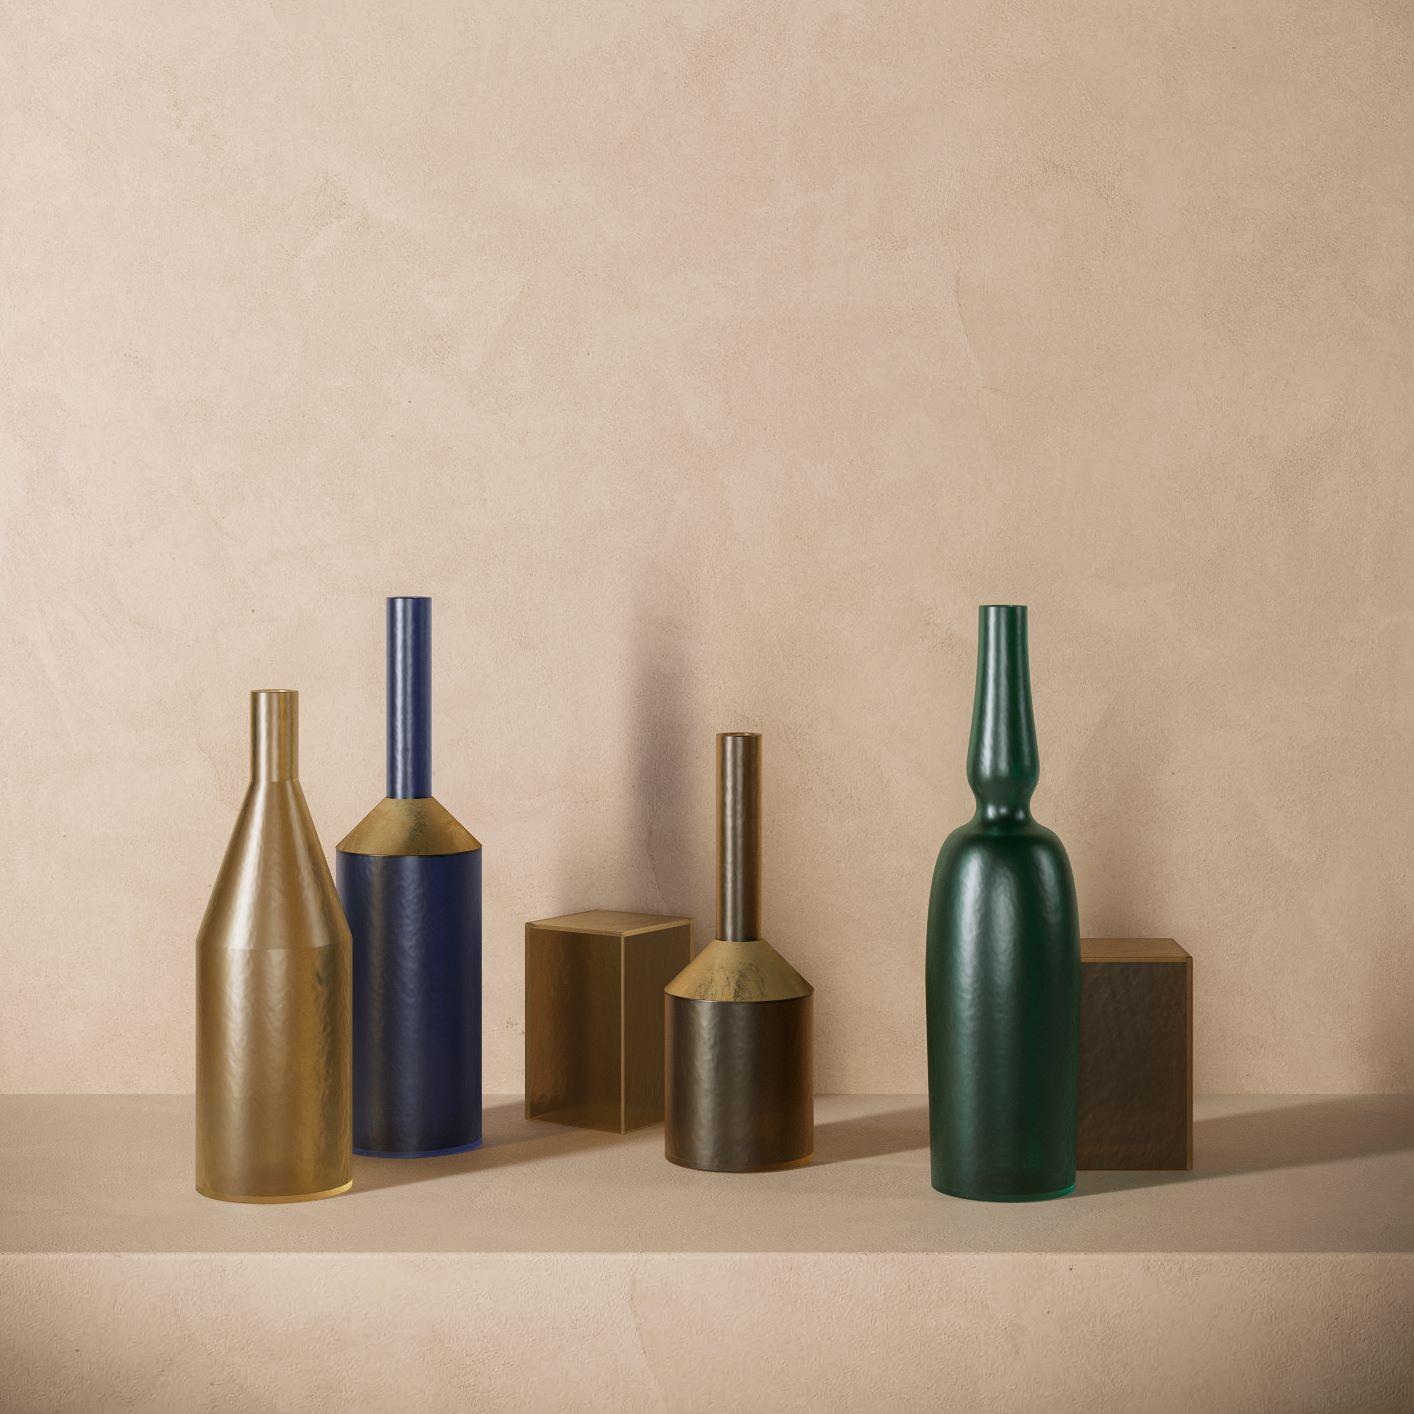 Il design omaggia Morandi: un dialogo sospeso tra arte e storia